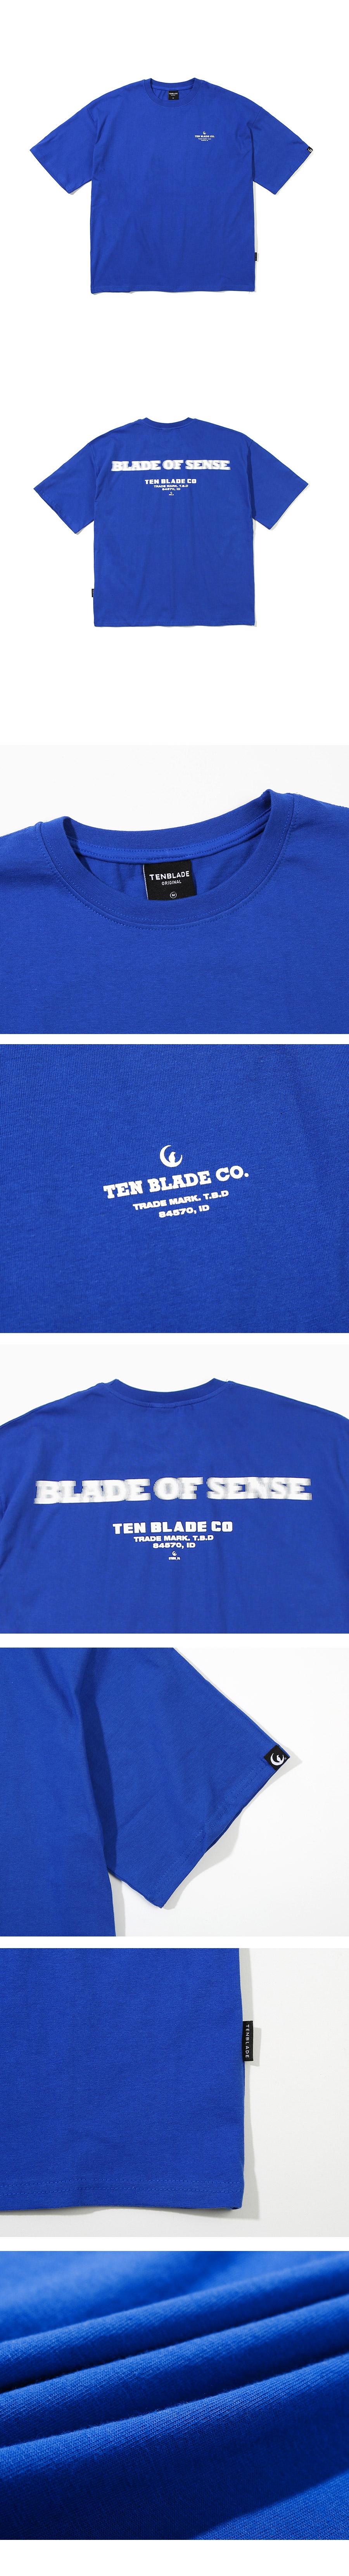 텐블레이드(TENBLADE) 오버핏 글래스 반팔티-블루